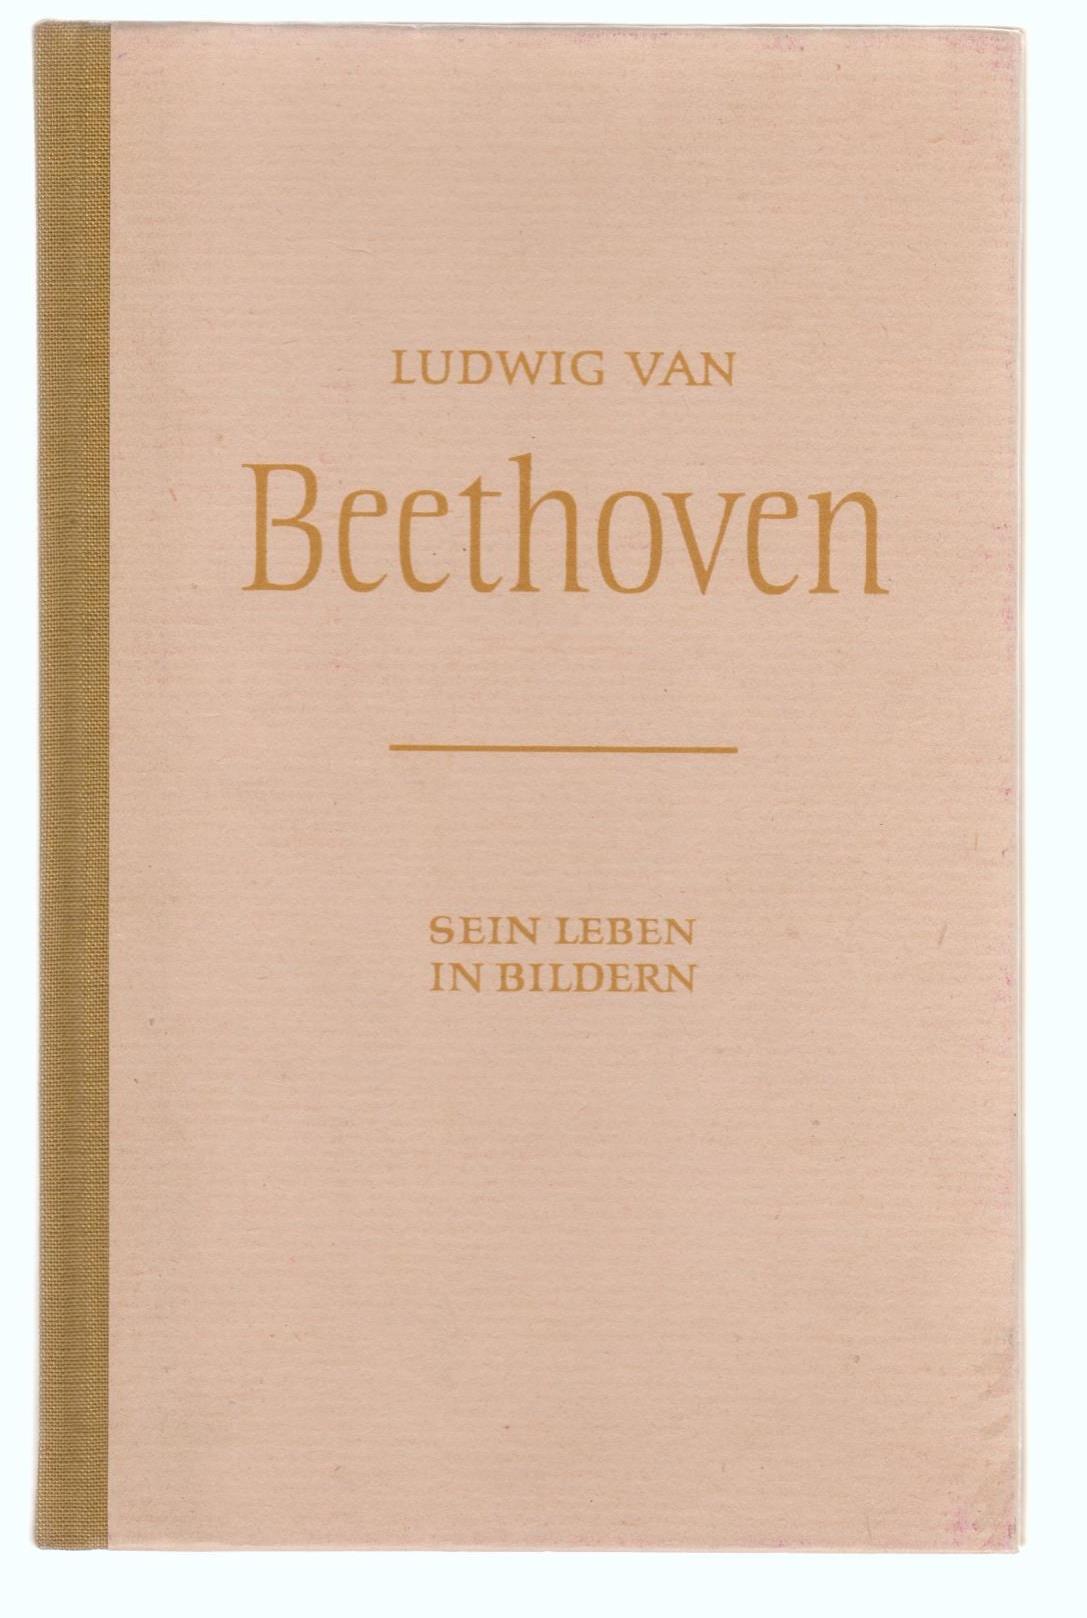 Ludwig van Beethoven - Rihard Petzoldt